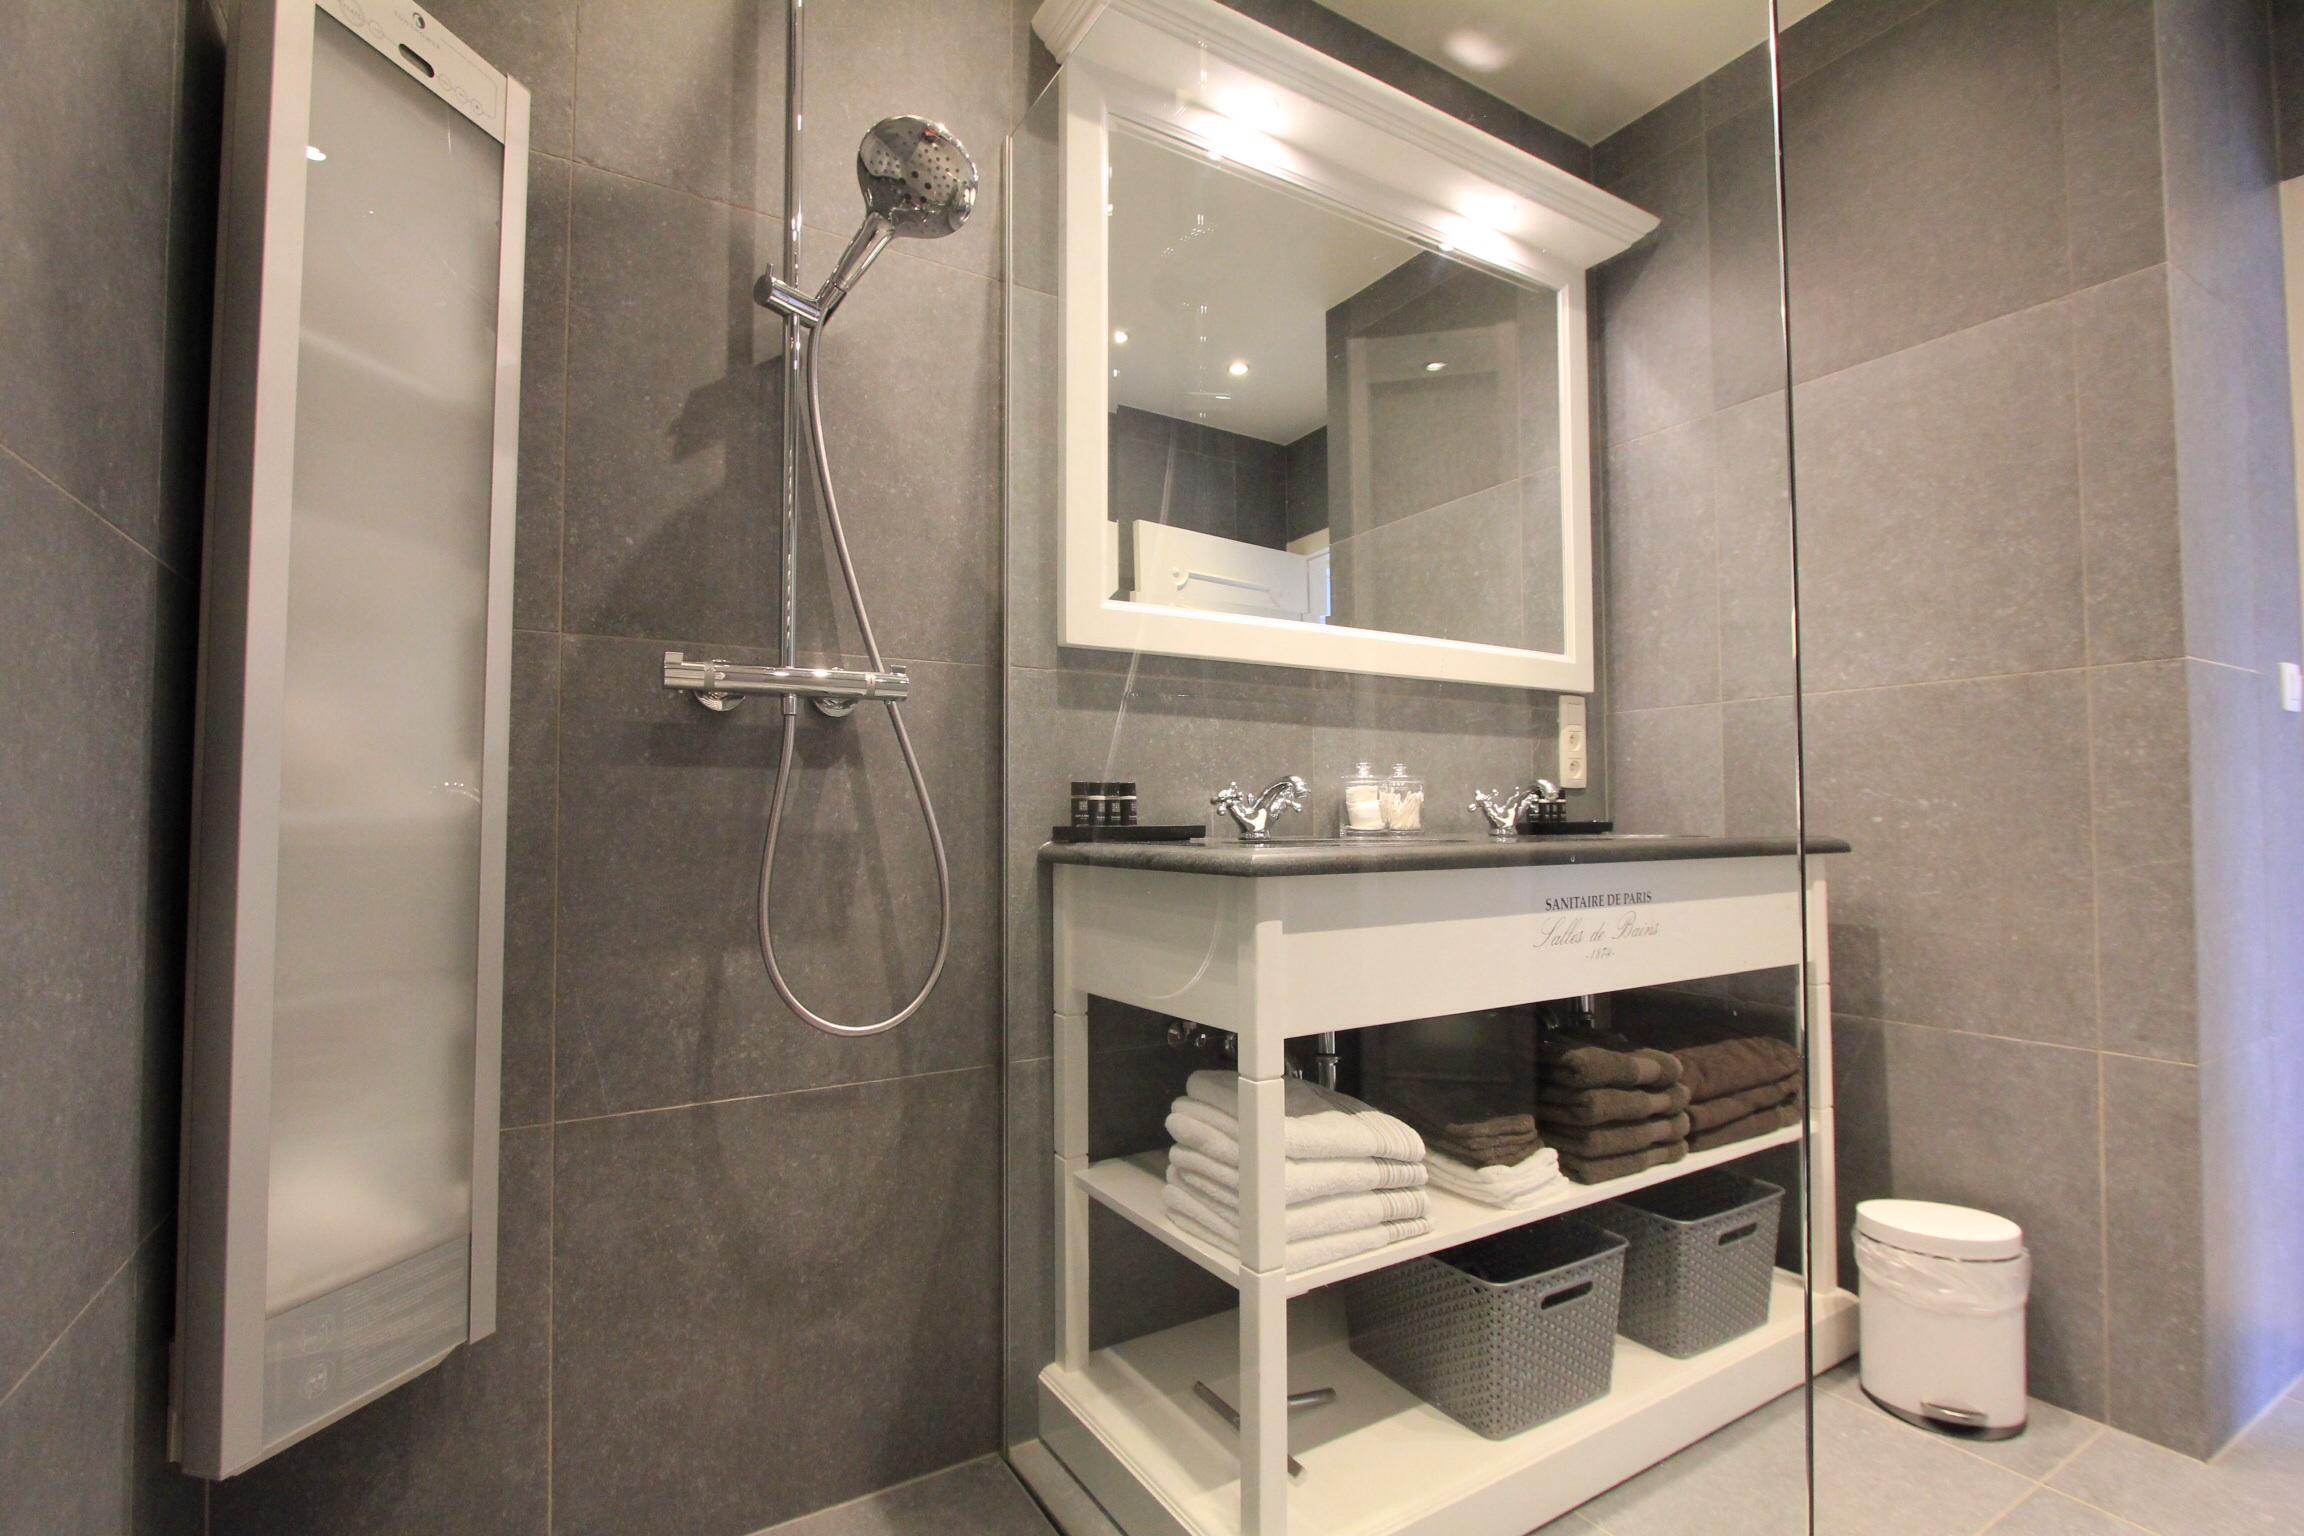 Renovatie Badkamer Ieper : Badkamer renovatie u nikolas dhont